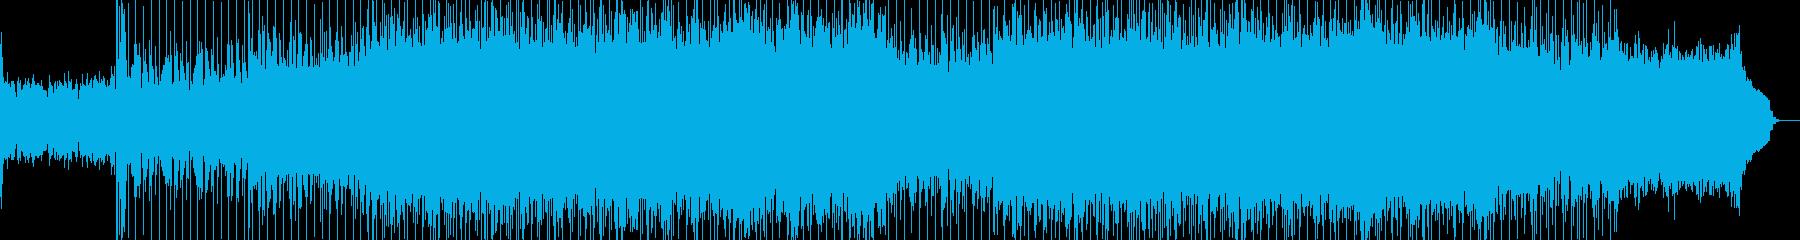 軽快なビートとエレキギターによるBGMの再生済みの波形